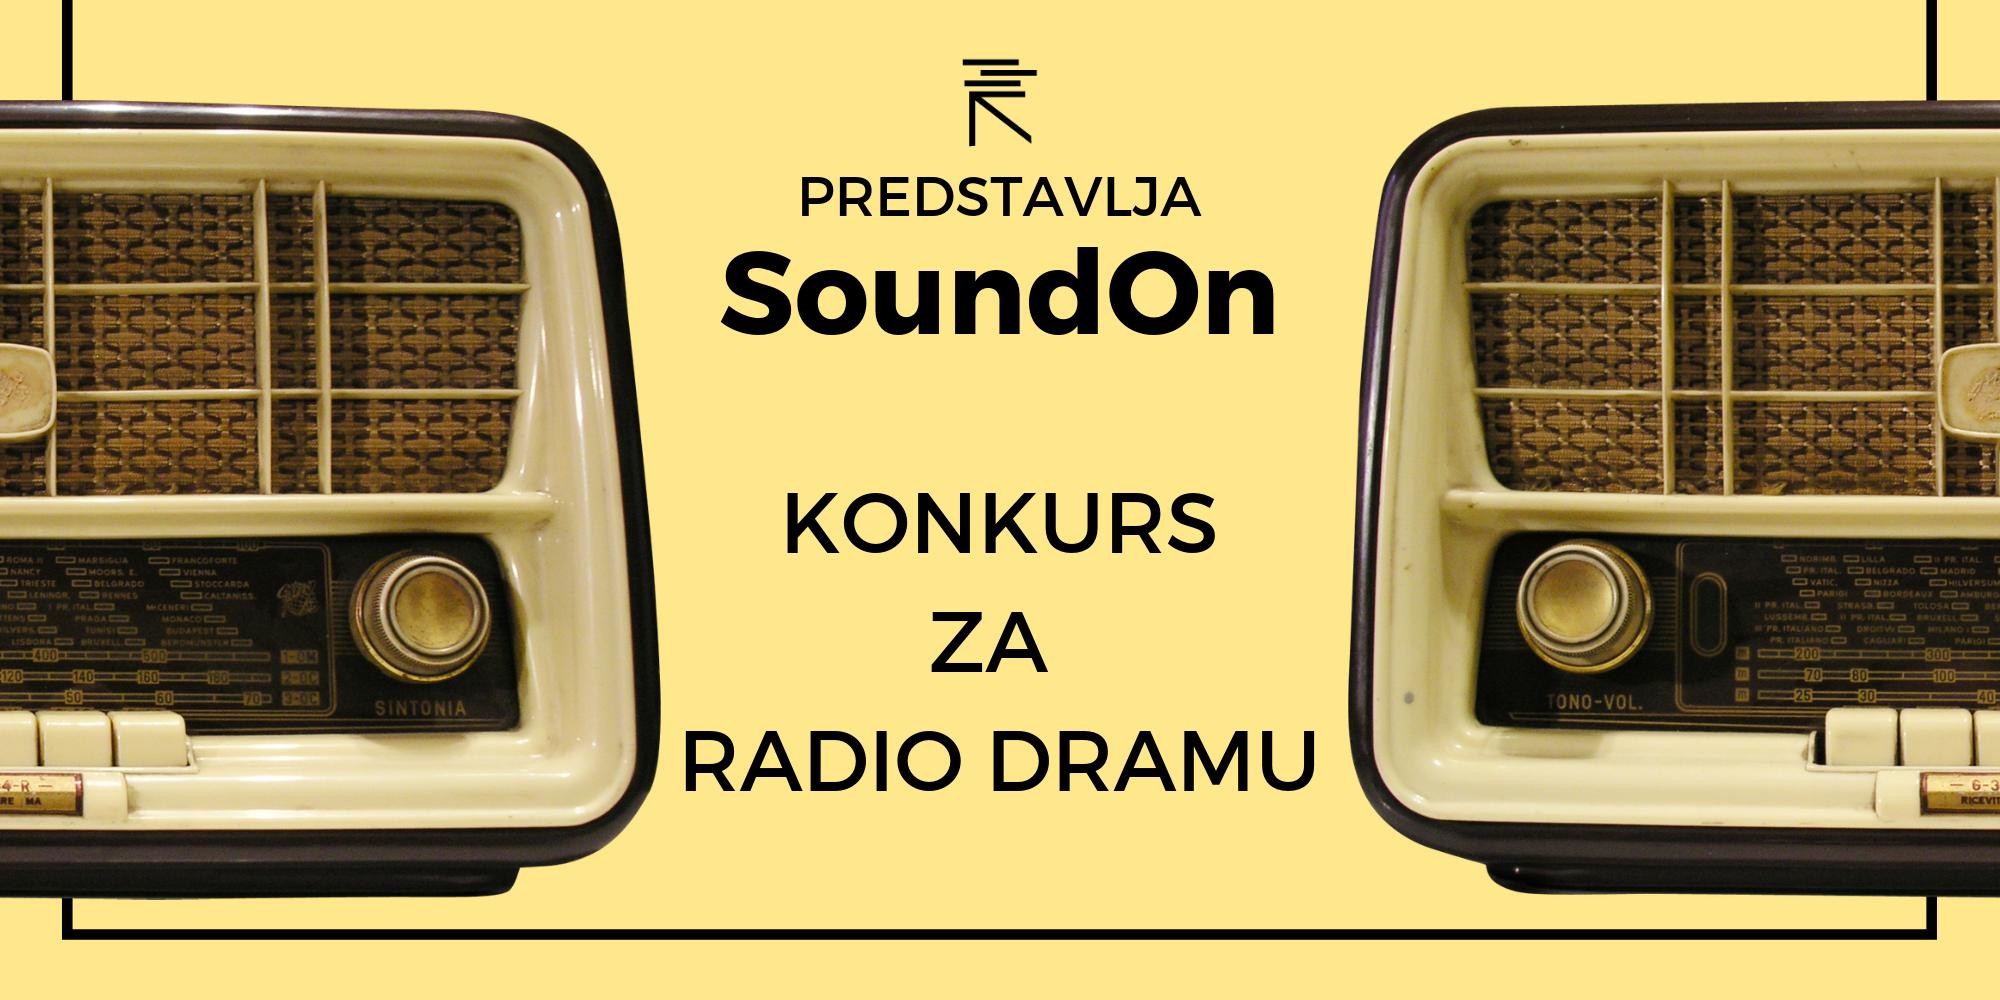 SoundOn: Reflektor teatar otvorio konkurs za radio-dramu